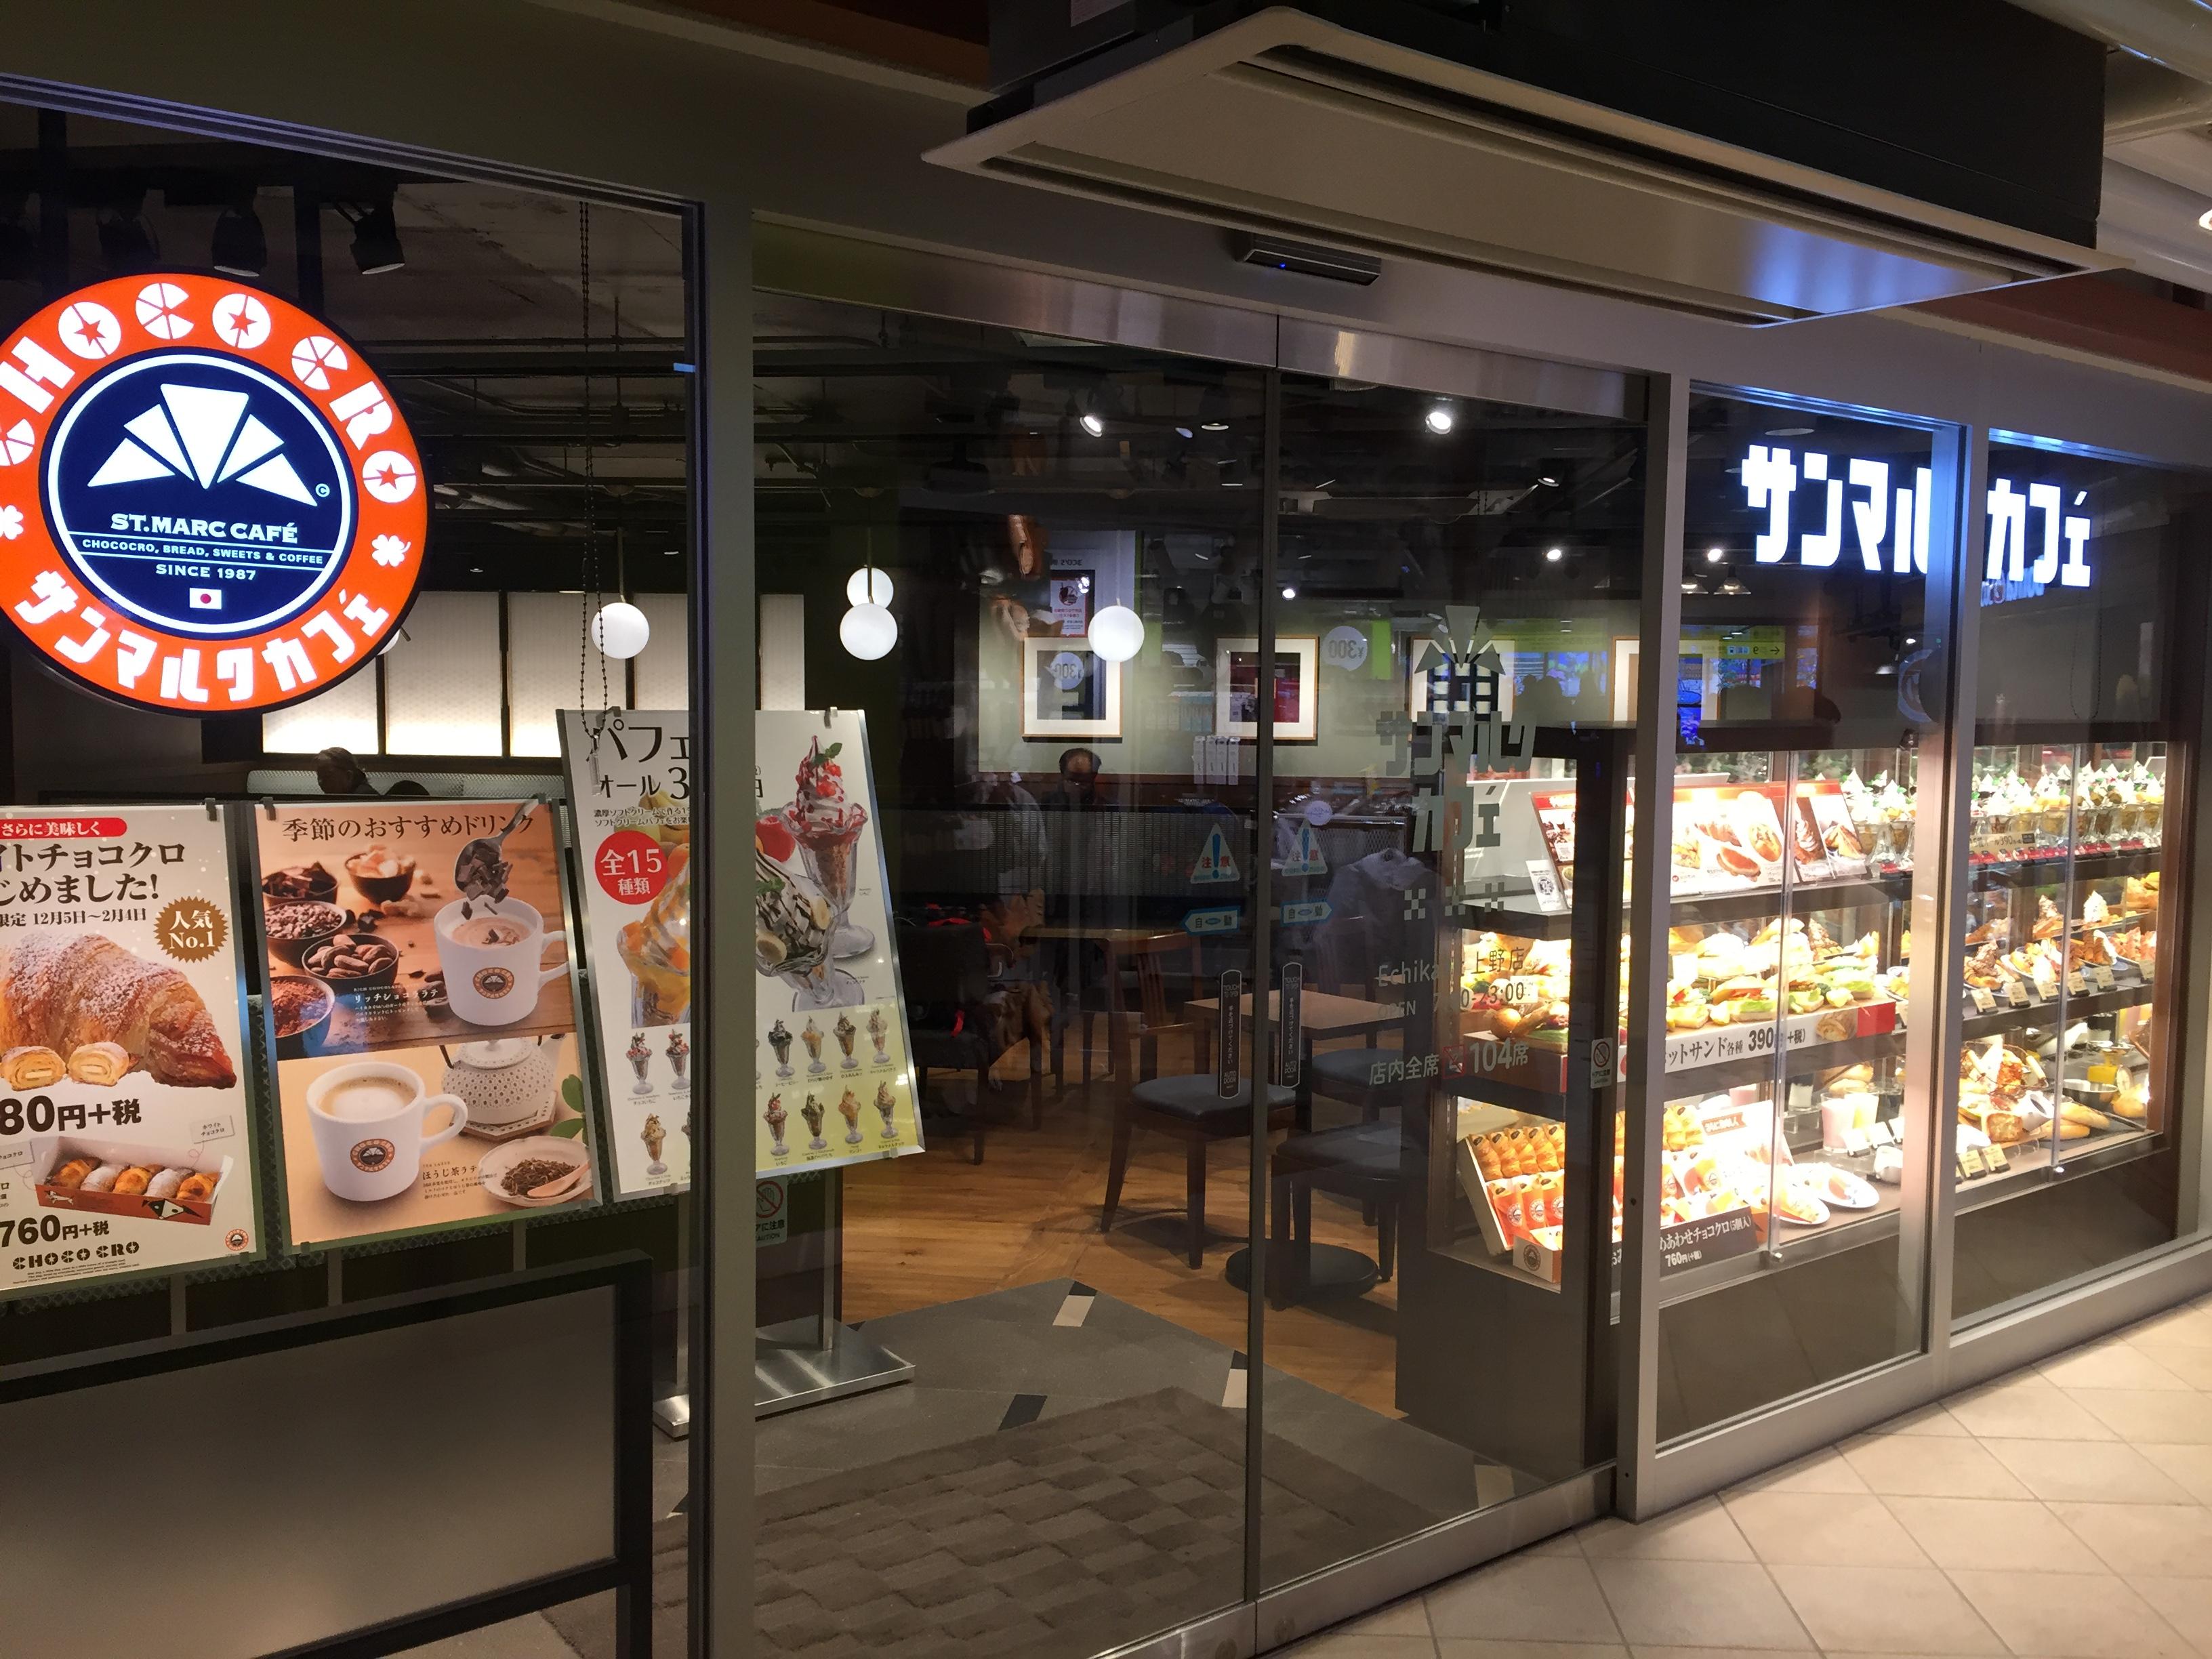 サンマルクカフェ Echikafit上野店